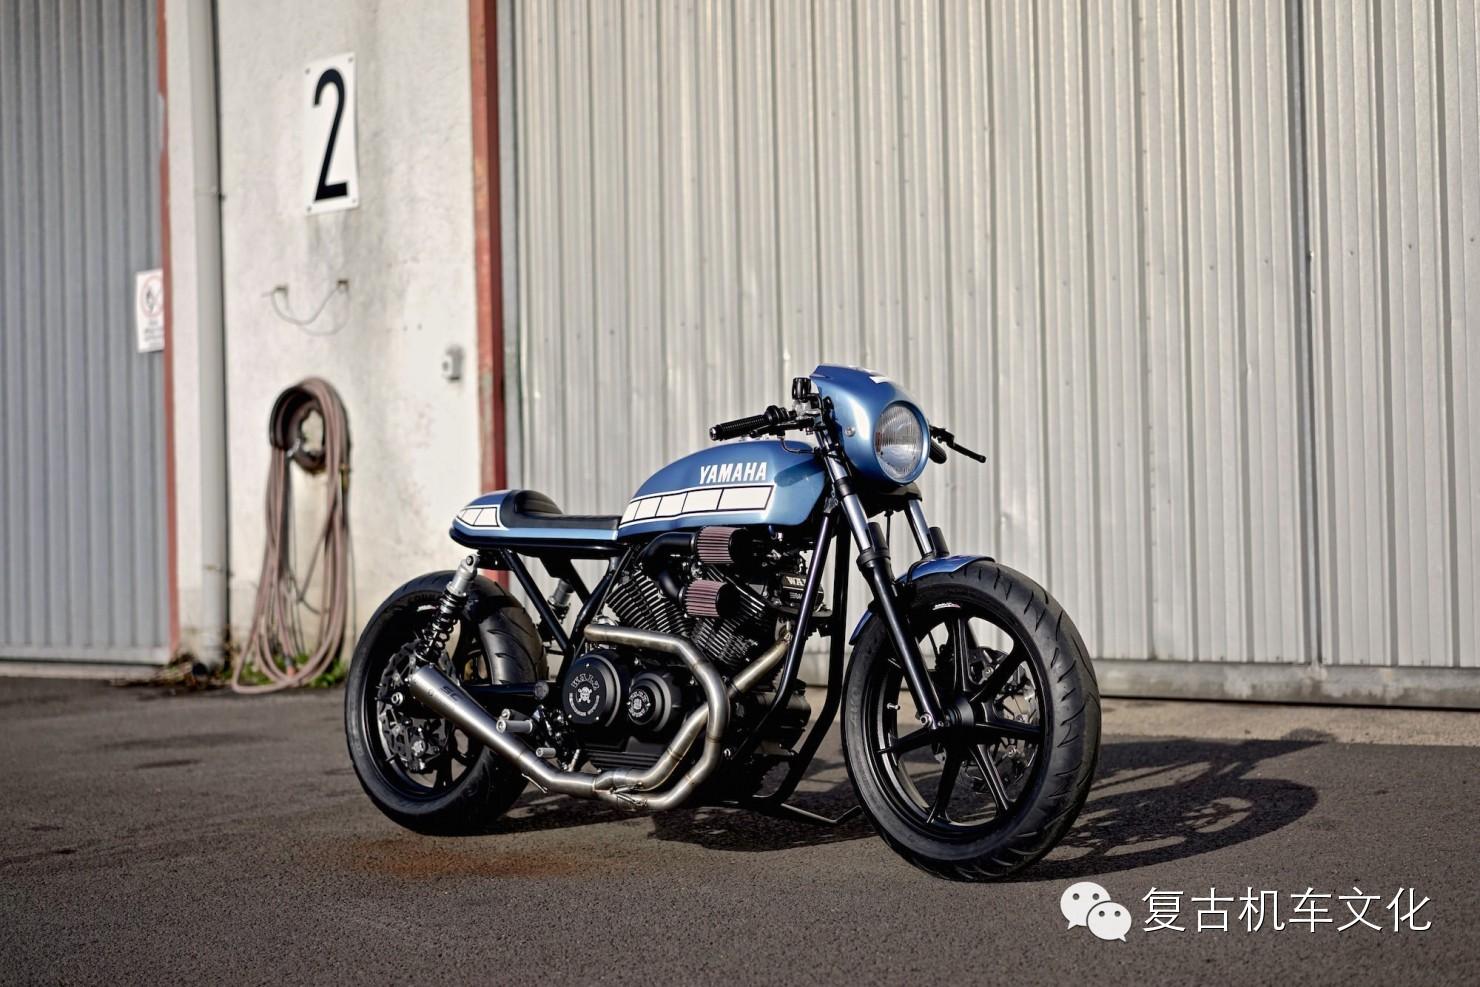 雅马哈XV950定制复古摩托车